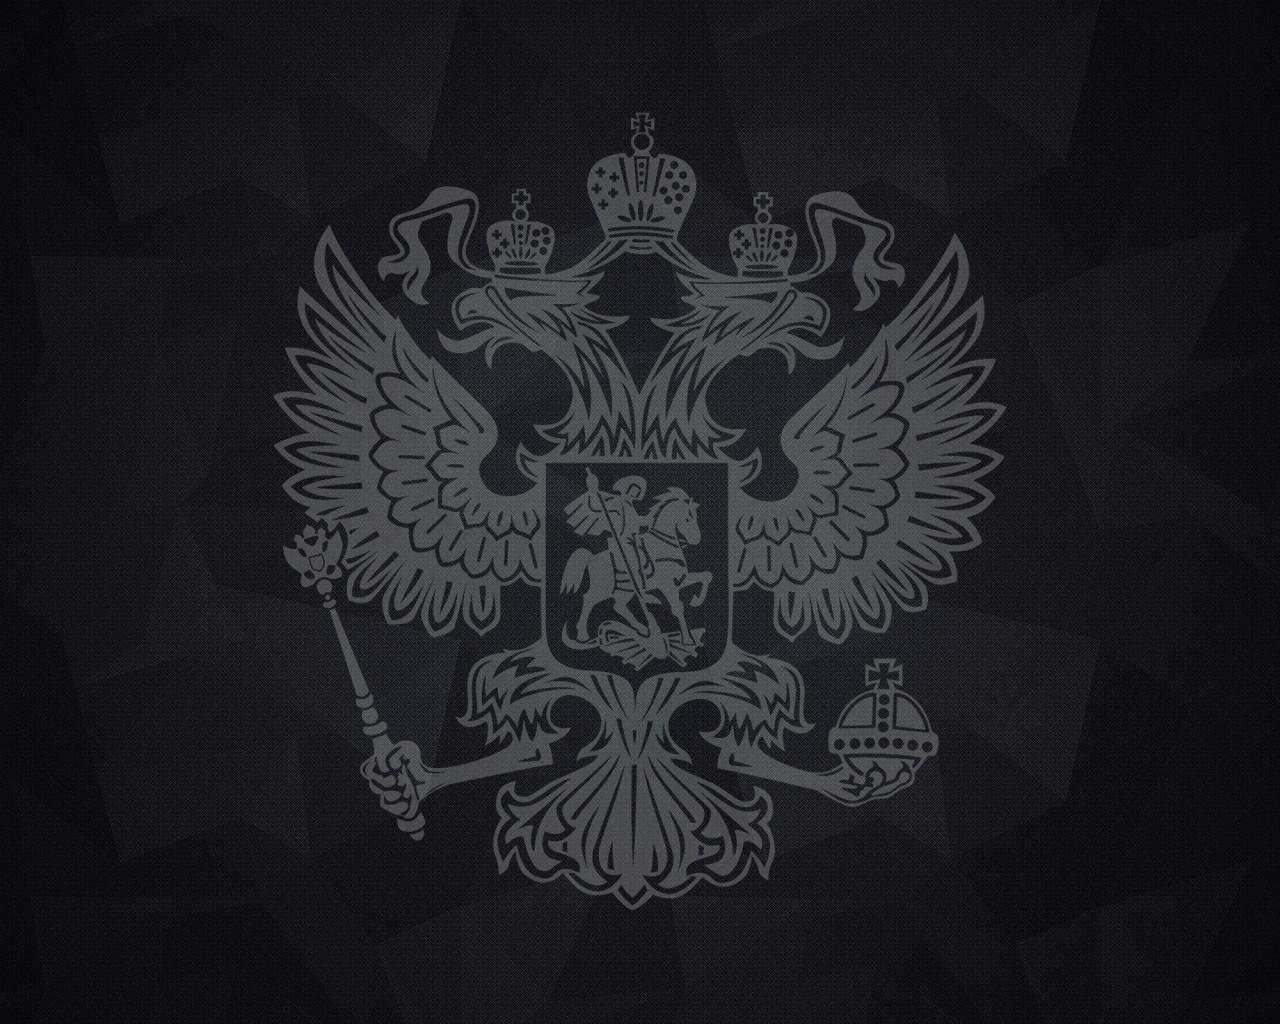 Заставки герб россии только телефон обои и картинки на